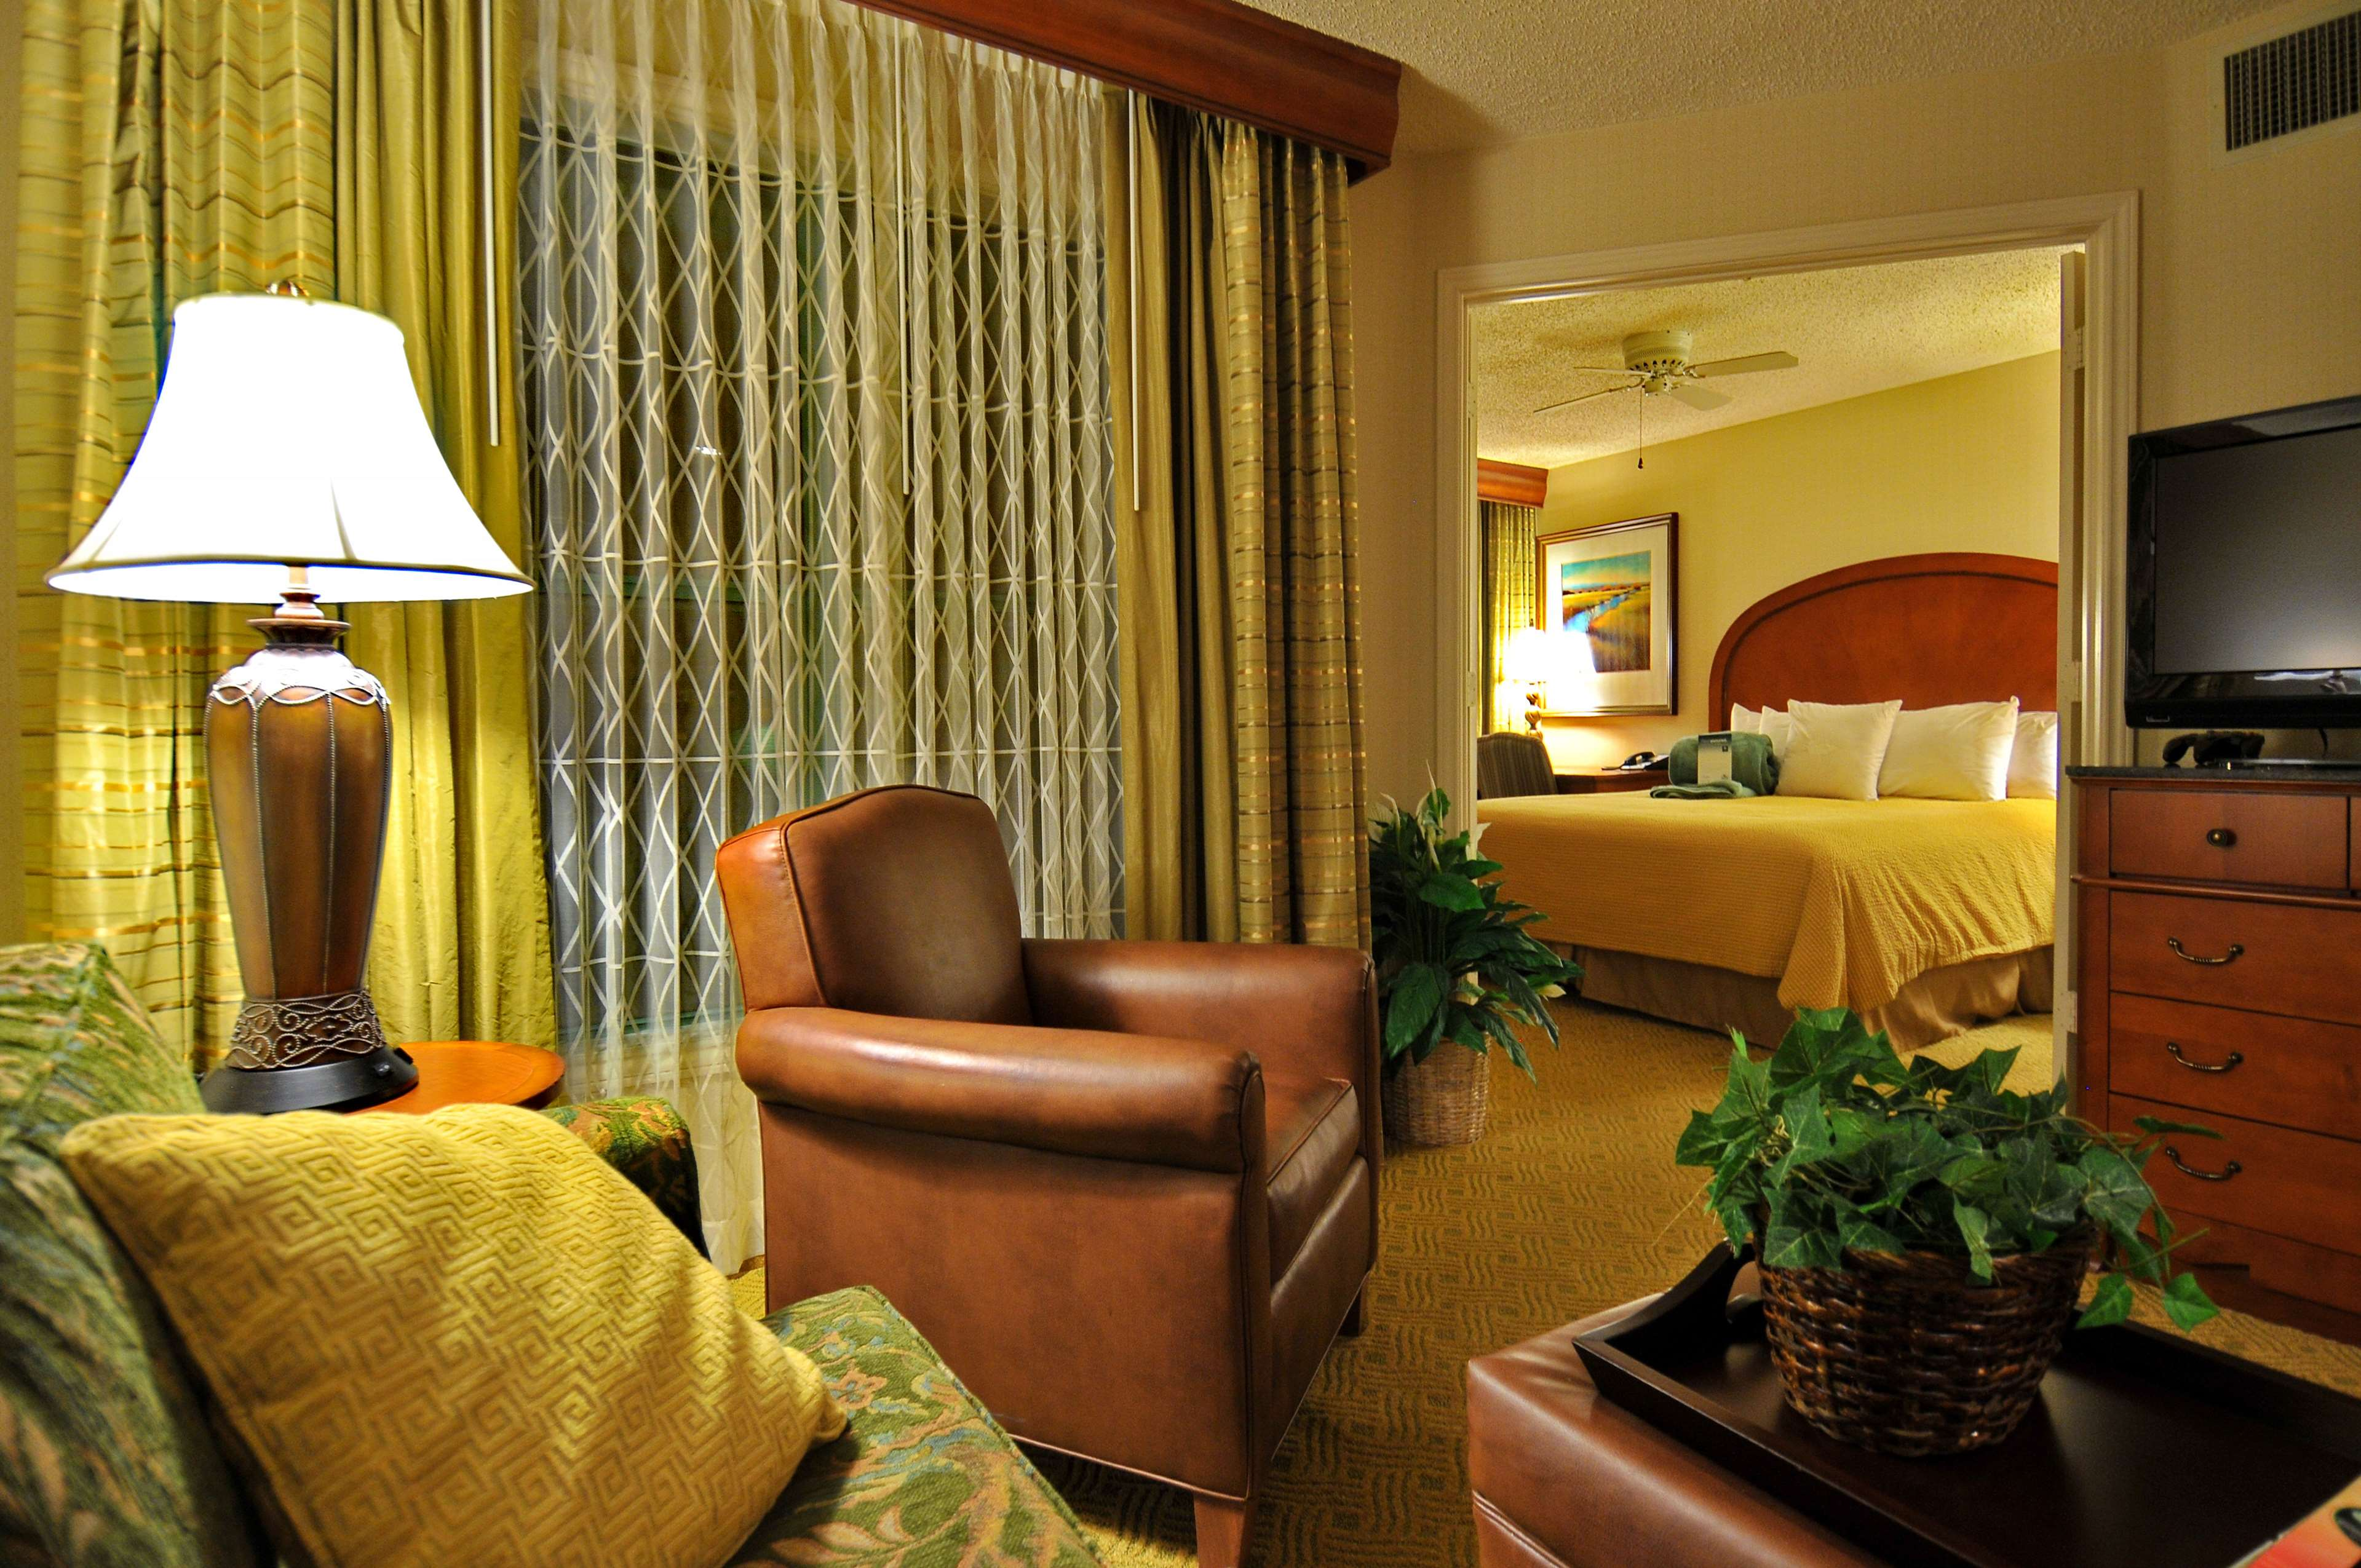 Homewood Suites by Hilton - Boulder image 15